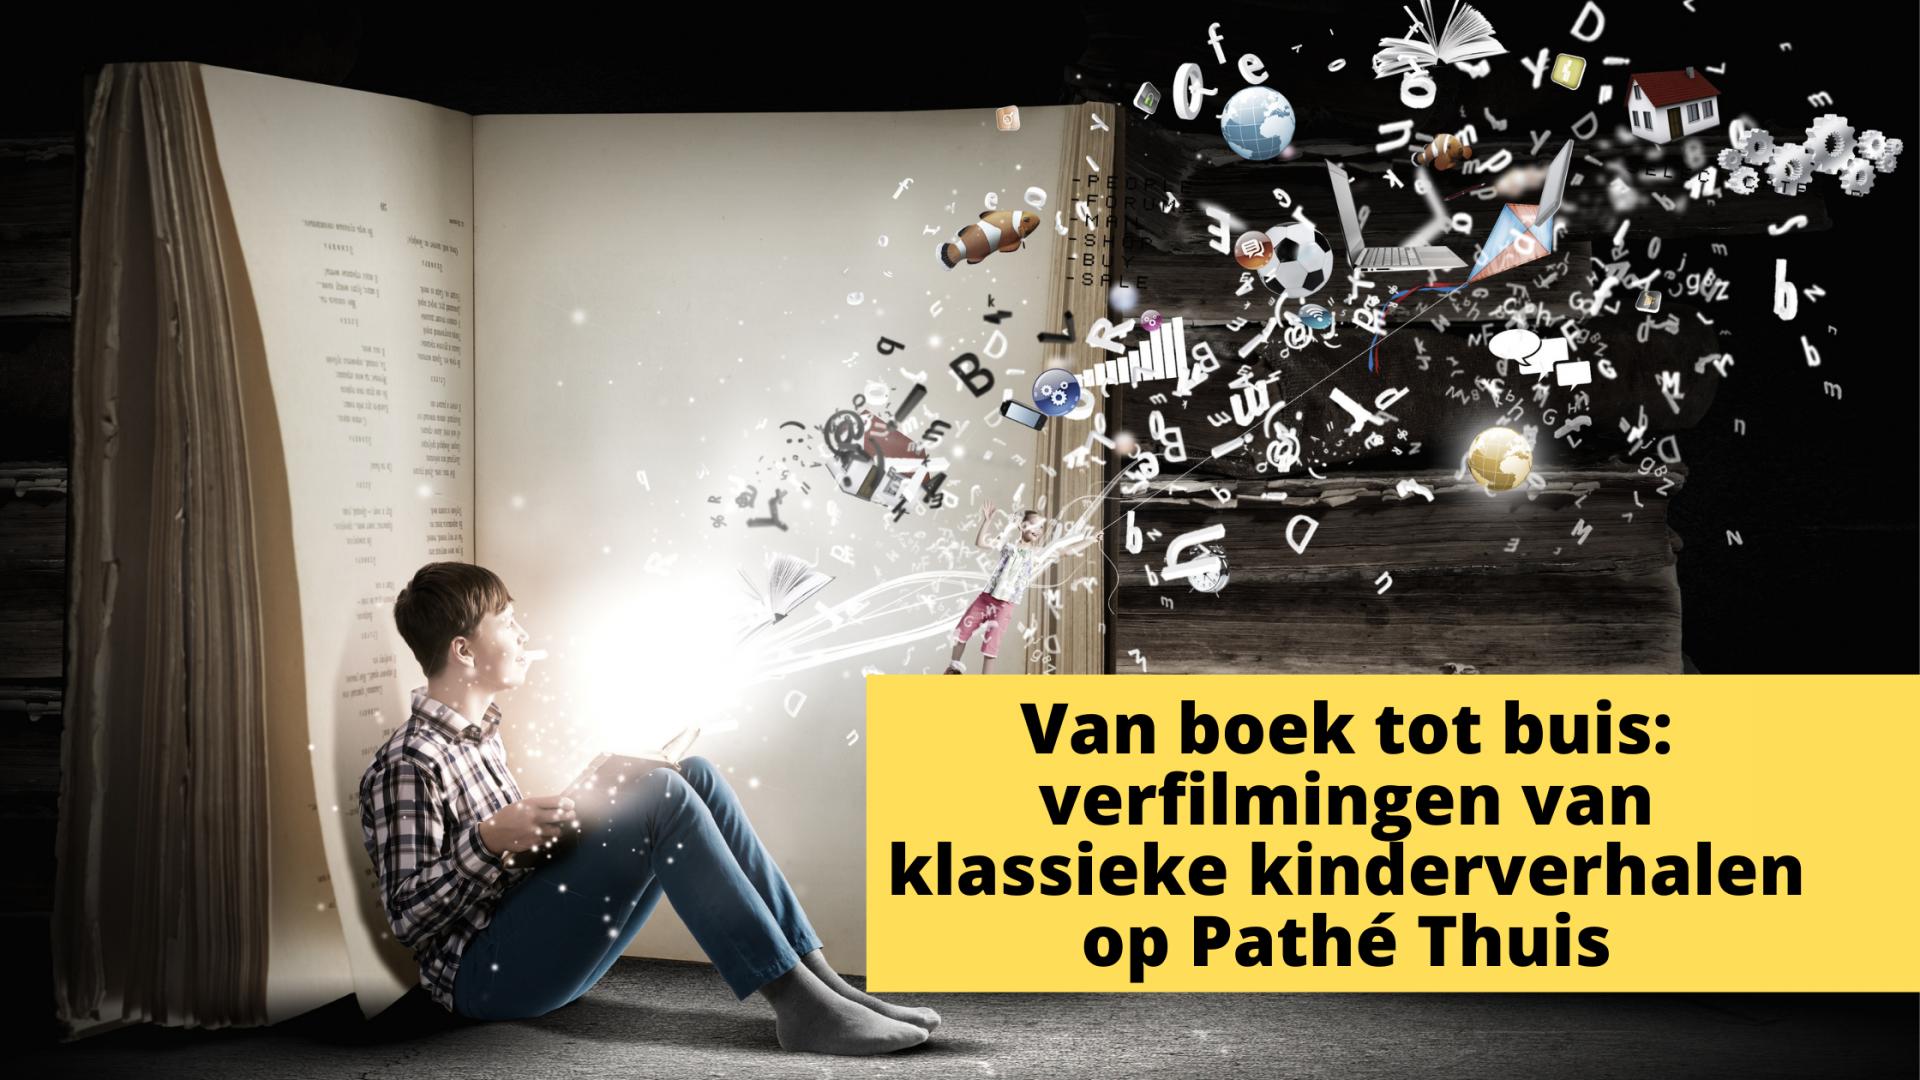 Van boek tot buis: verfilmingen van klassieke kinderverhalen op Pathé Thuis